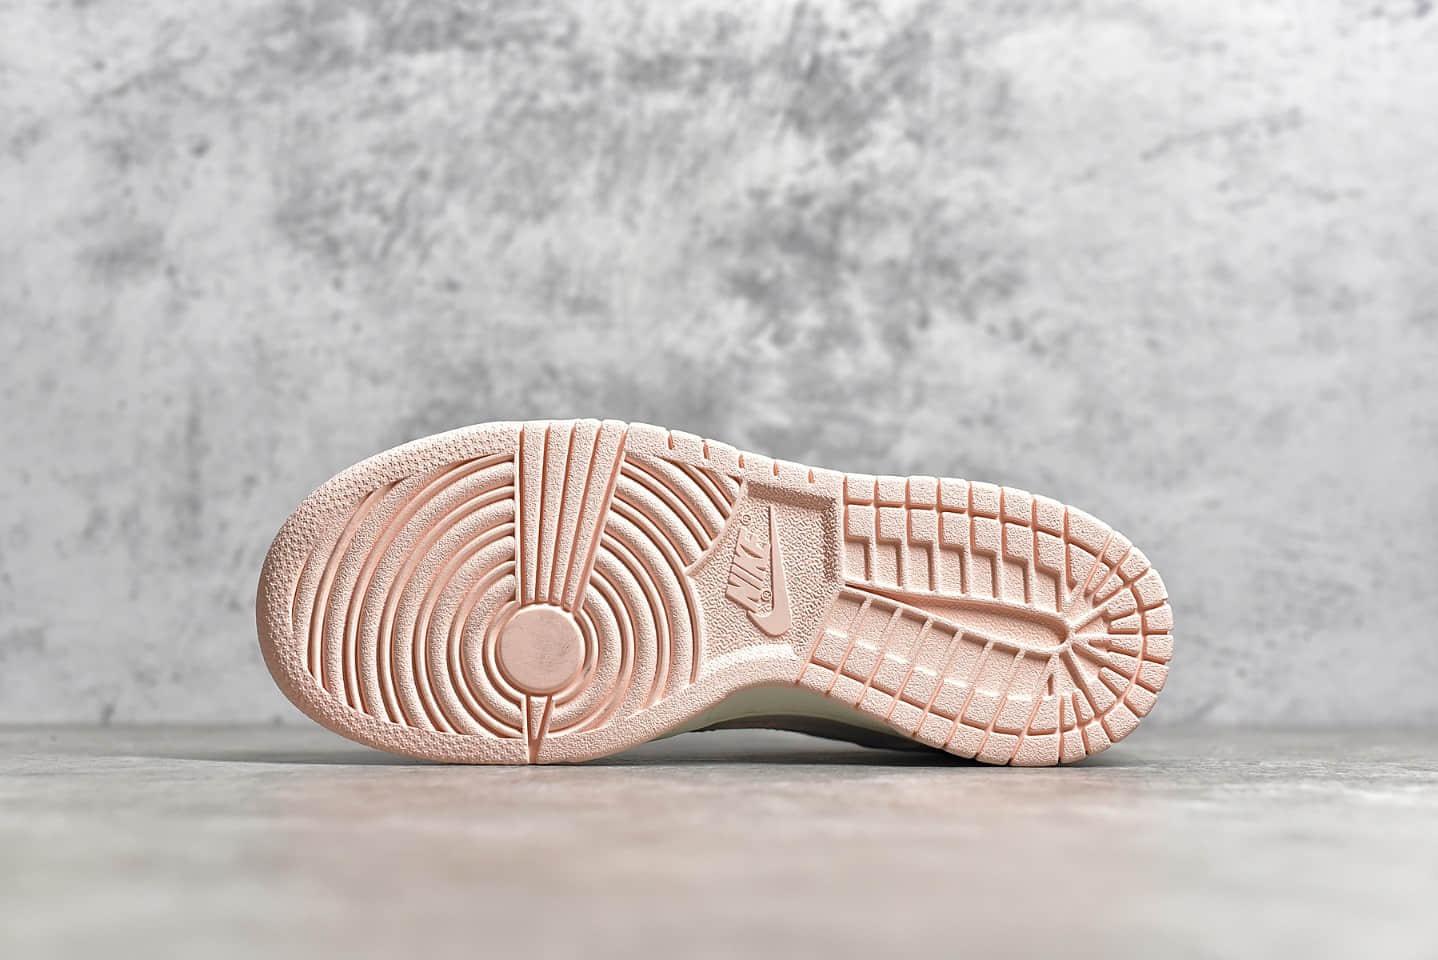 耐克Dunk白粉色低帮纯原版本 NIKE Wmns Dunk Low 耐克Dunk奶油粉低帮女子板鞋 货号:311369-104-潮流者之家